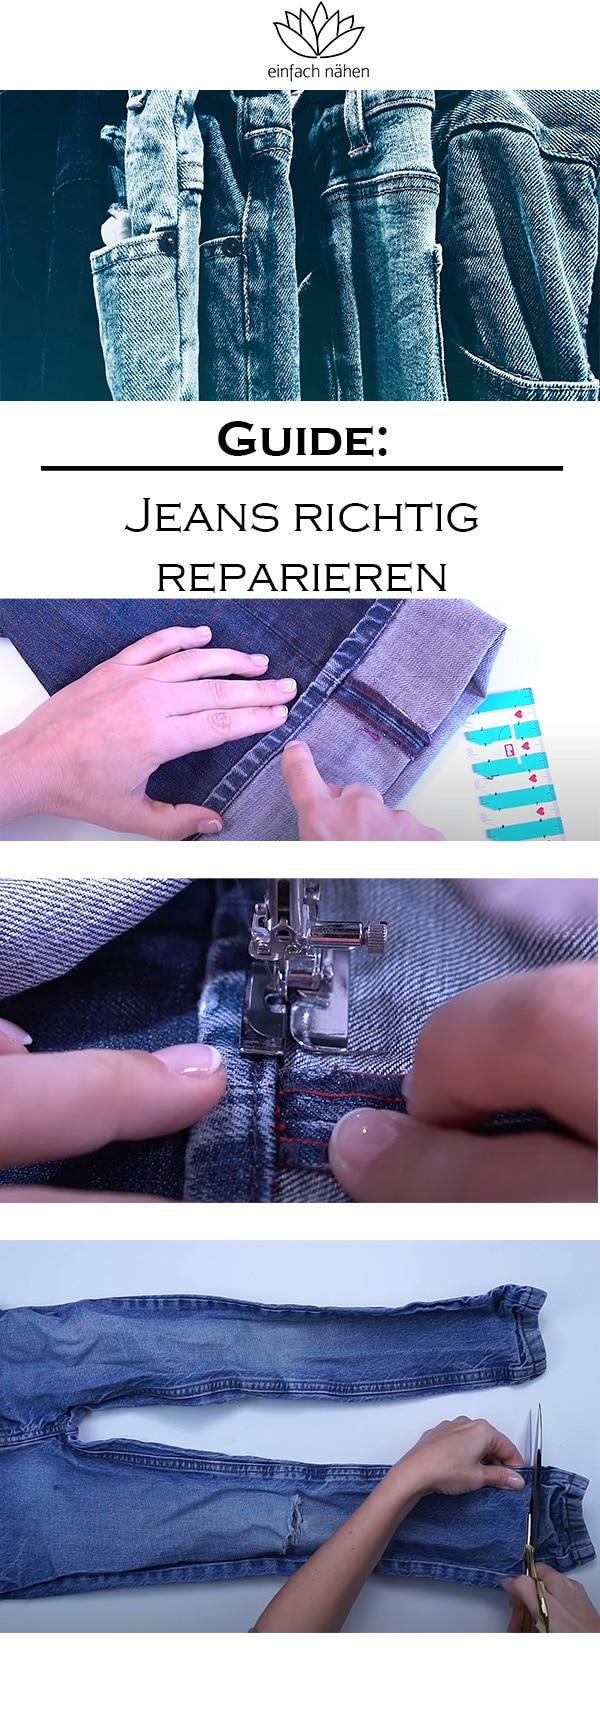 Jeans reparieren   einfach nähen lernen mit einfach nähen